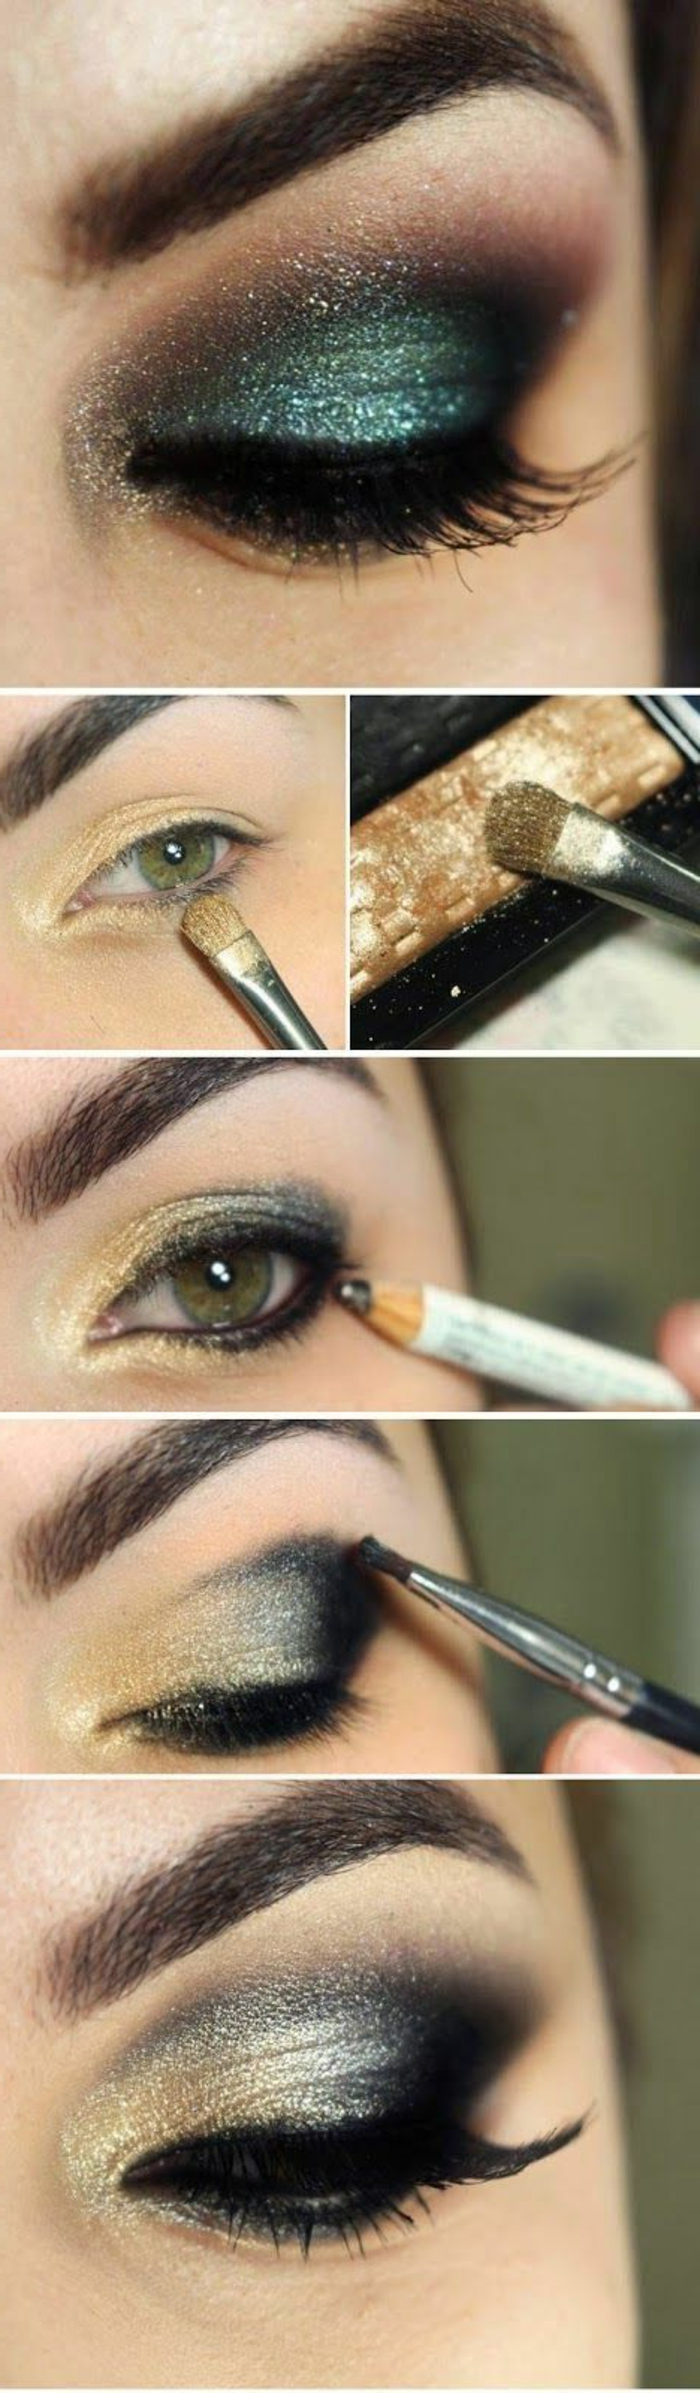 maquillage-des-yeux-doré-et-bleu-